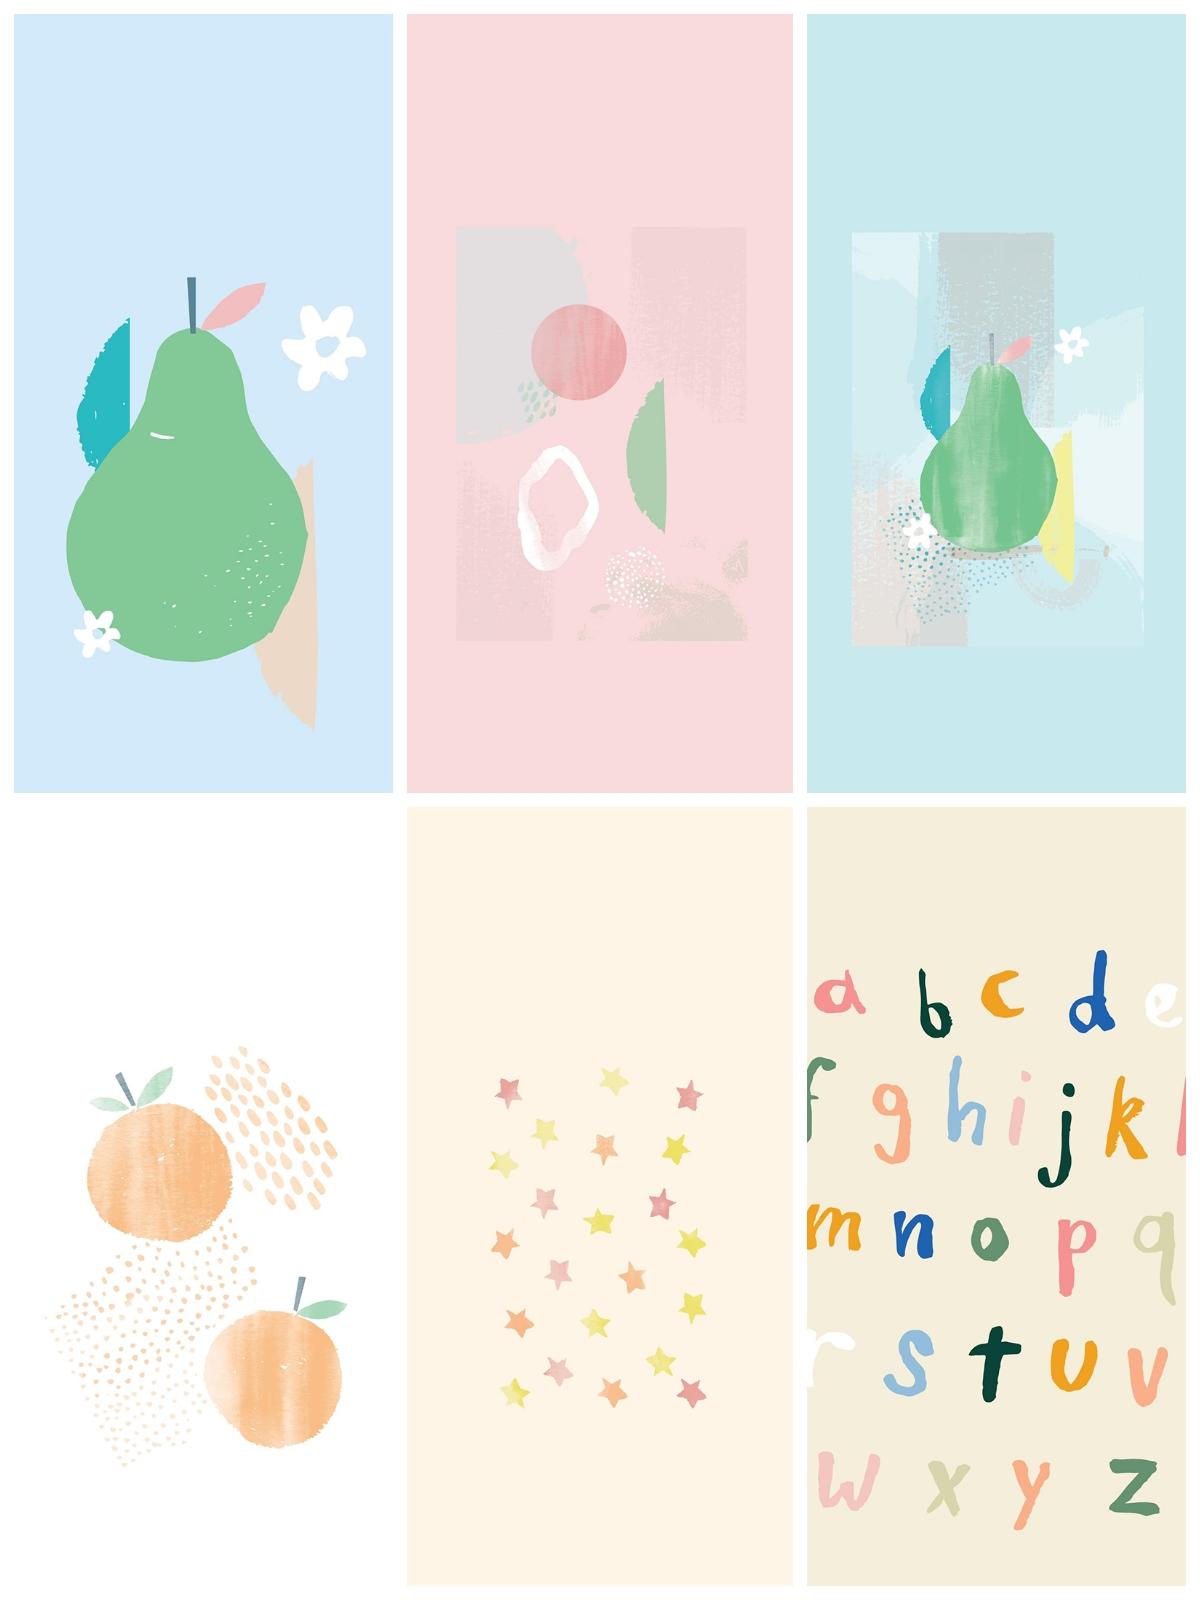 【壁纸】小可爱 童心可爱手绘治愈插画